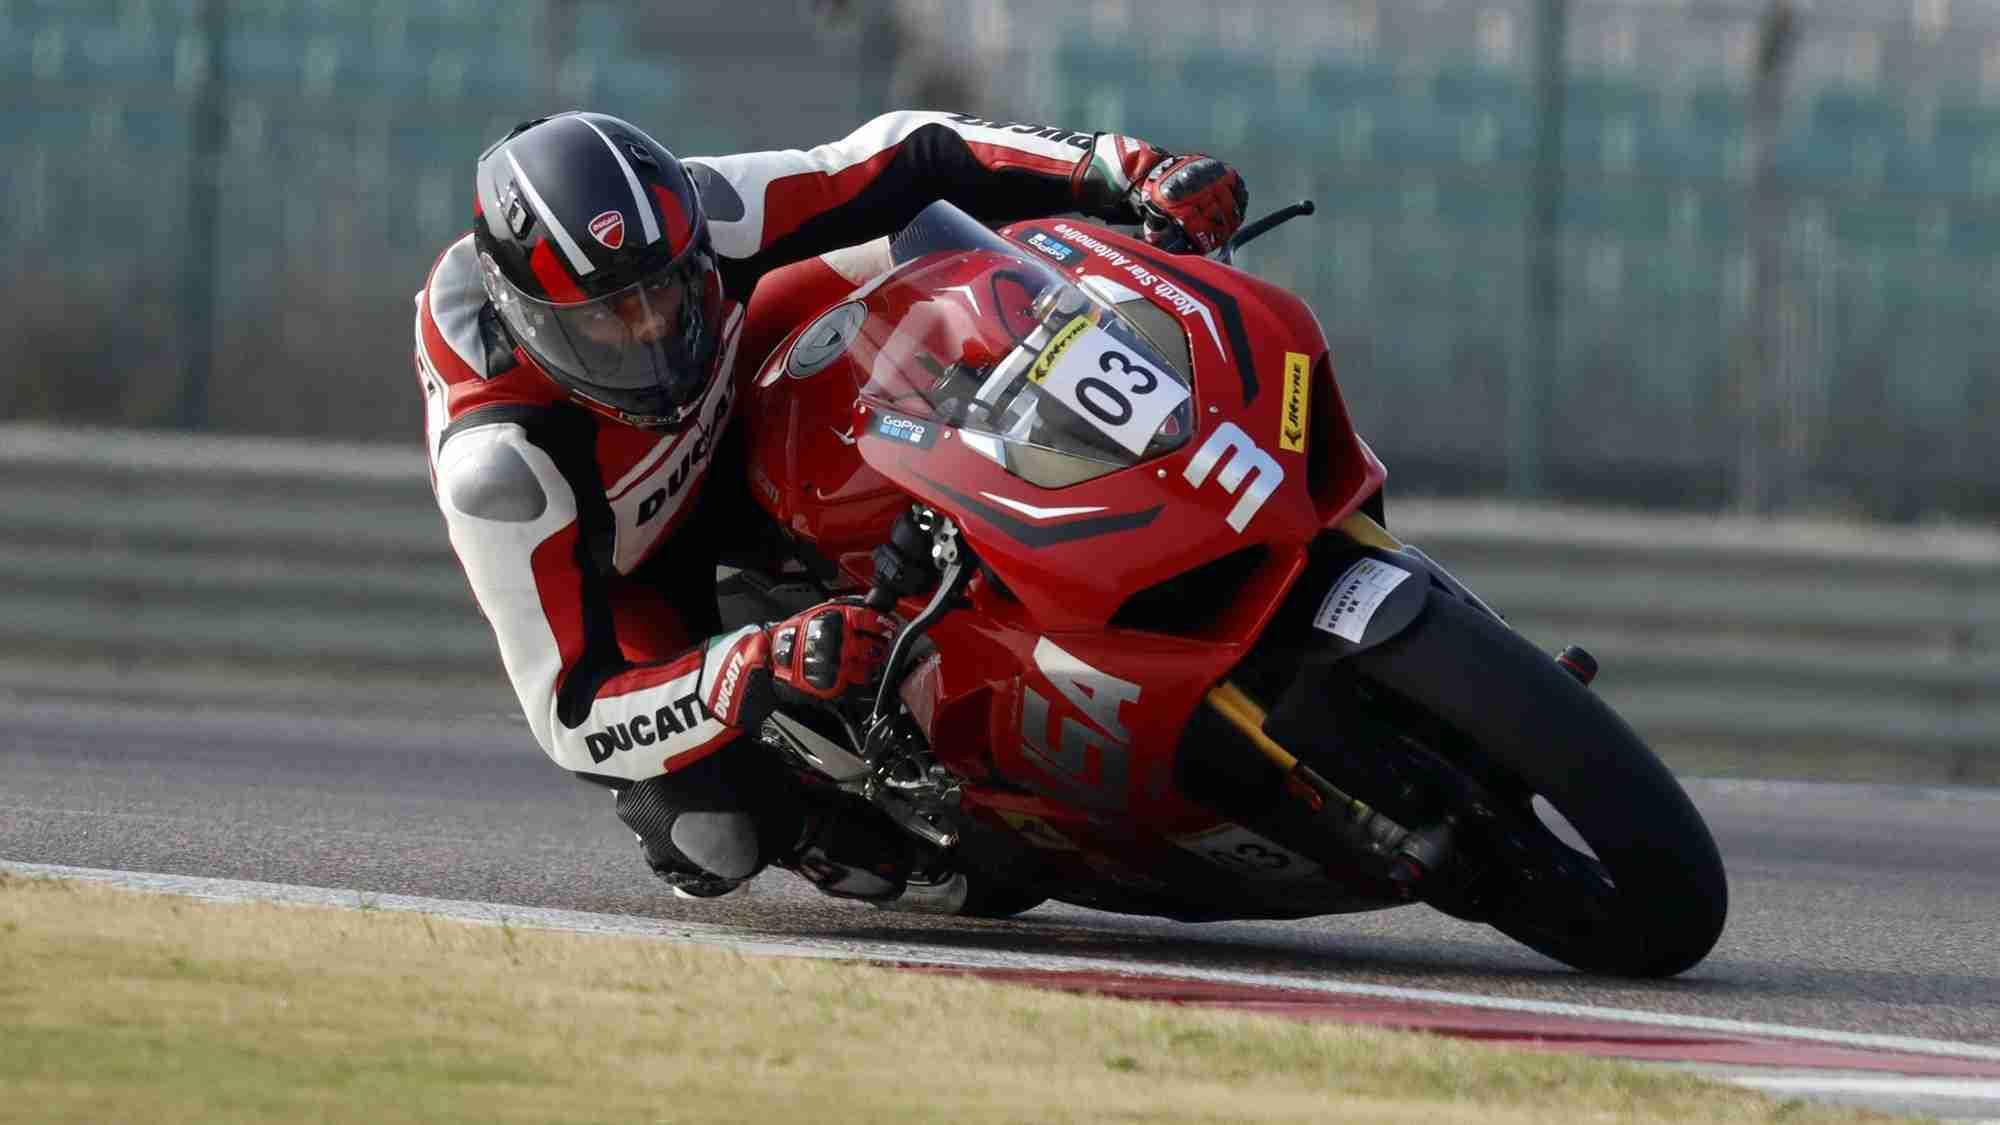 Bhumik Lalwani - Ducati NSA on Ducati Panigale V4 S